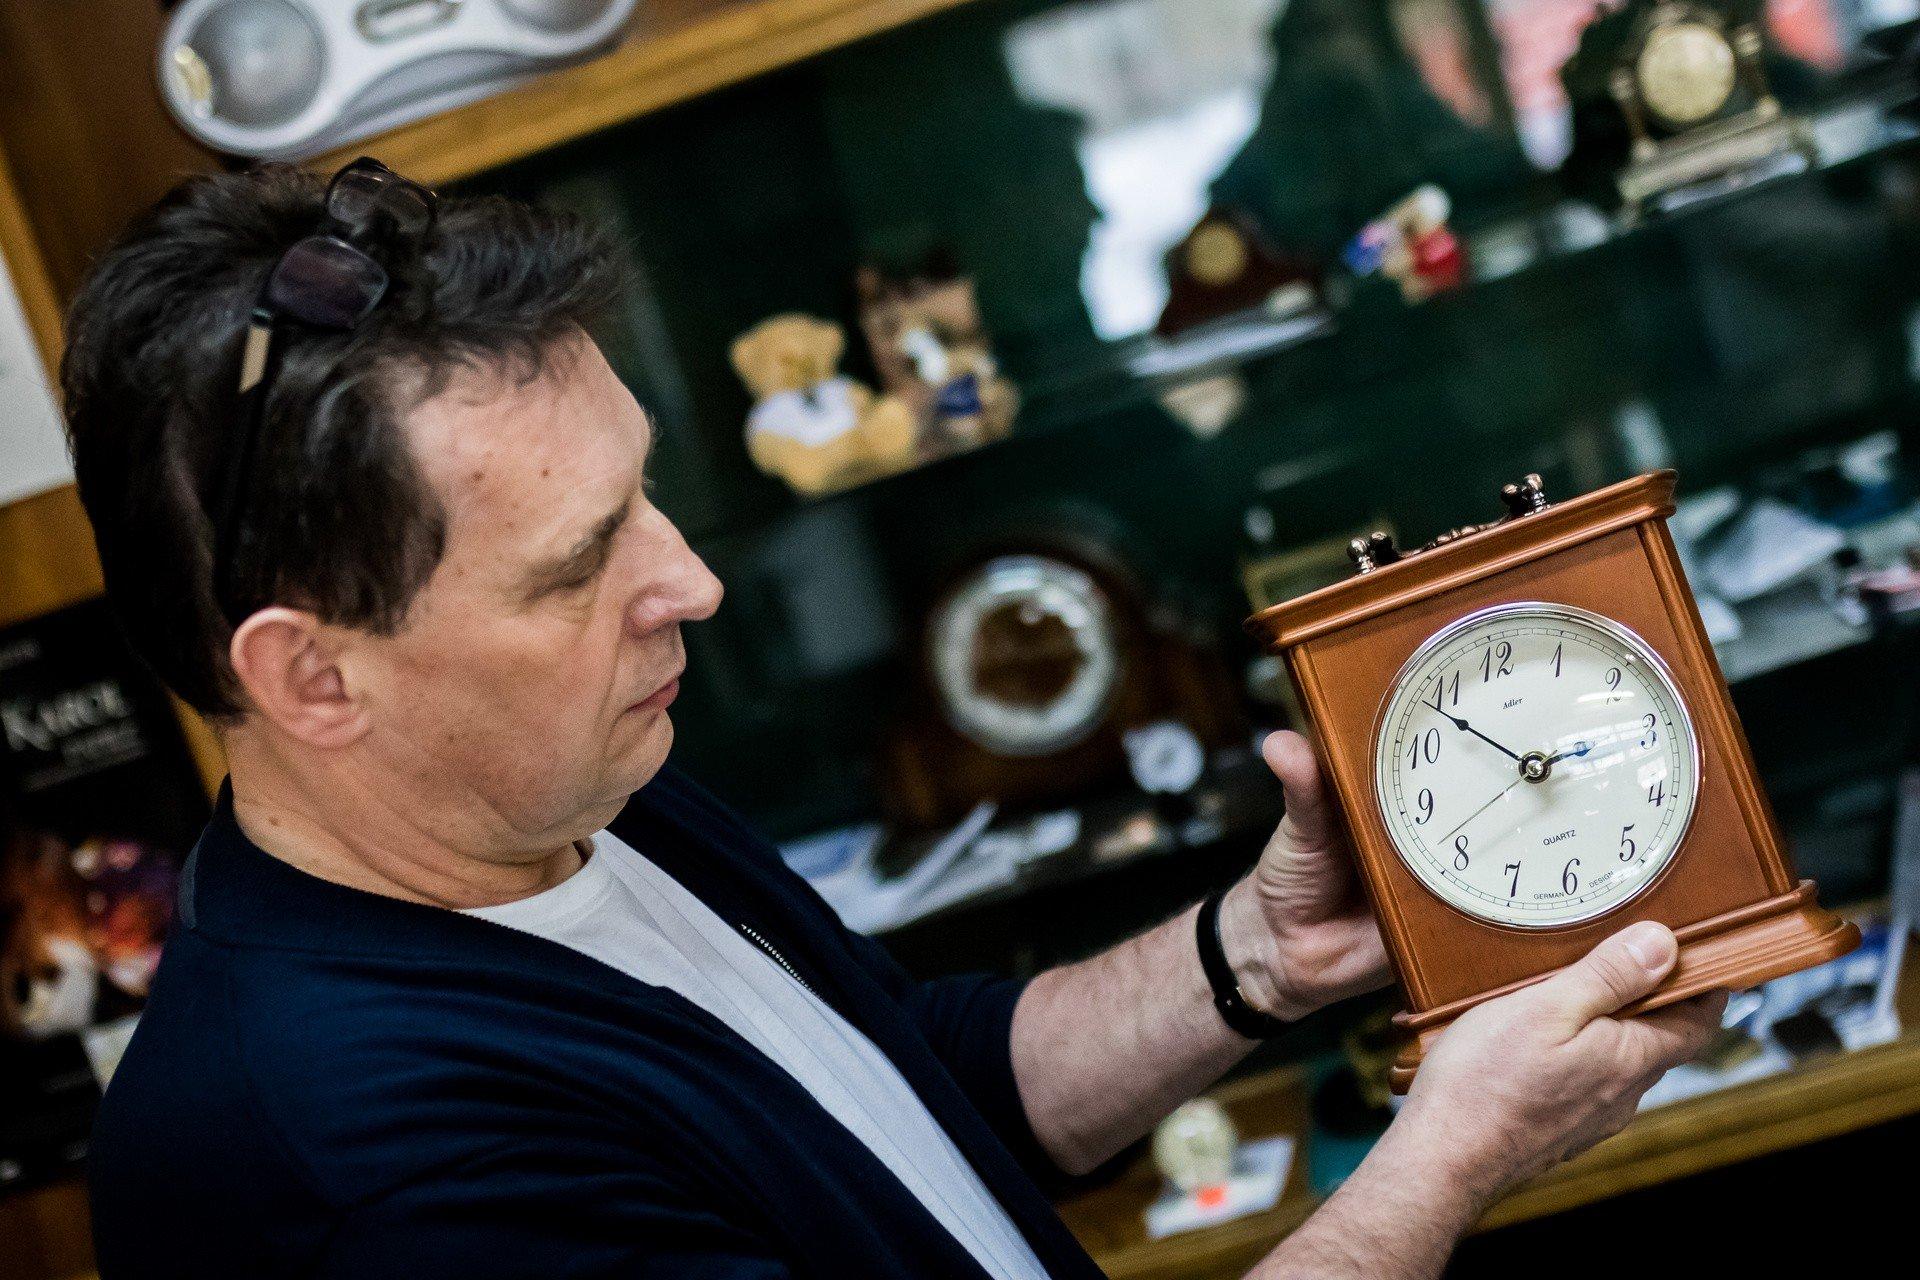 Bliżej lata, czyli już czas na zmianę czasu. W nocy przestawiamy zegarki | Gazeta Pomorska